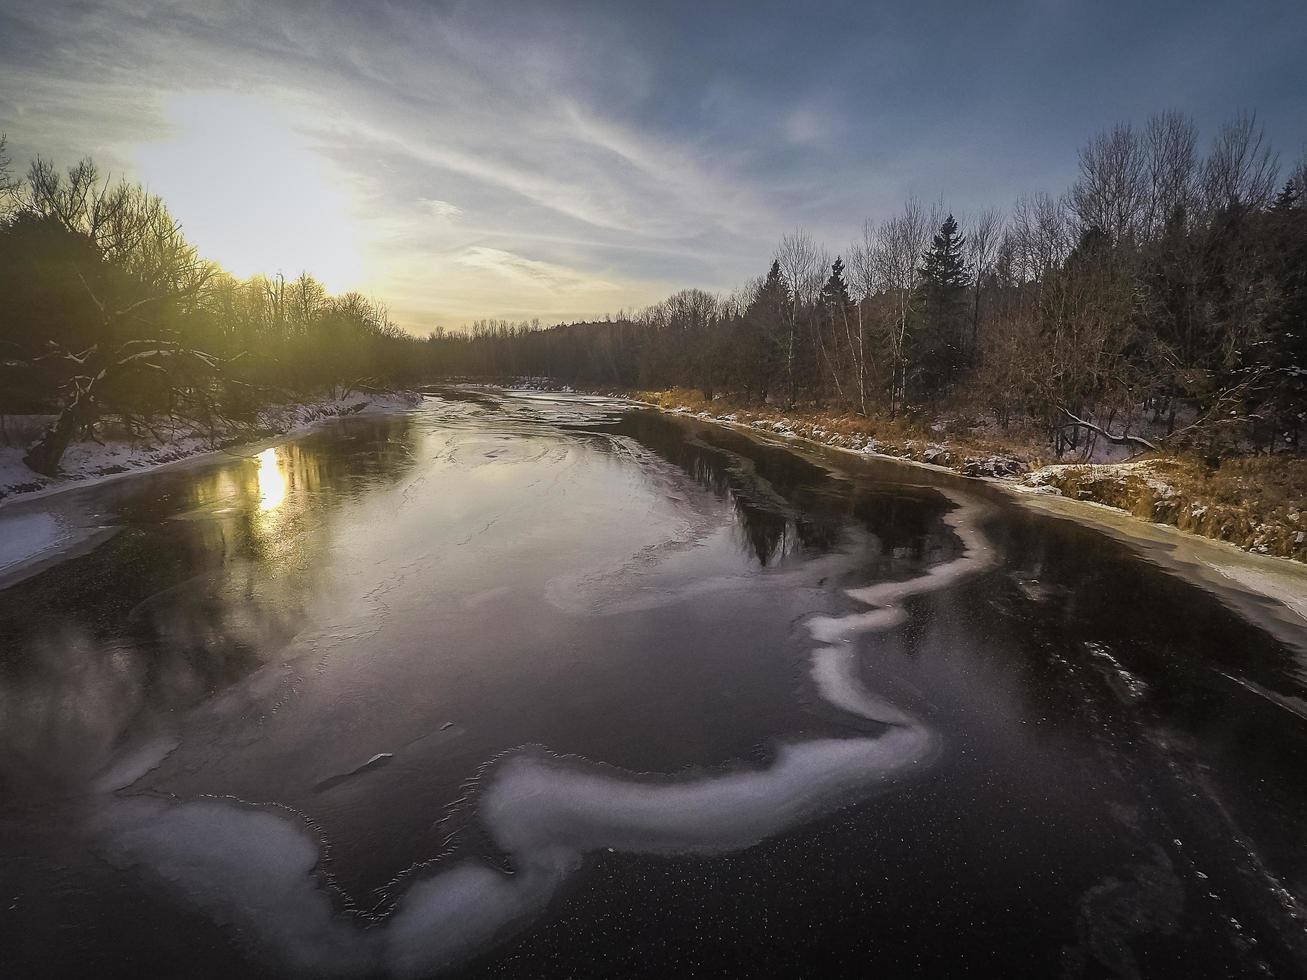 Sonnenuntergang über einem Fluss foto